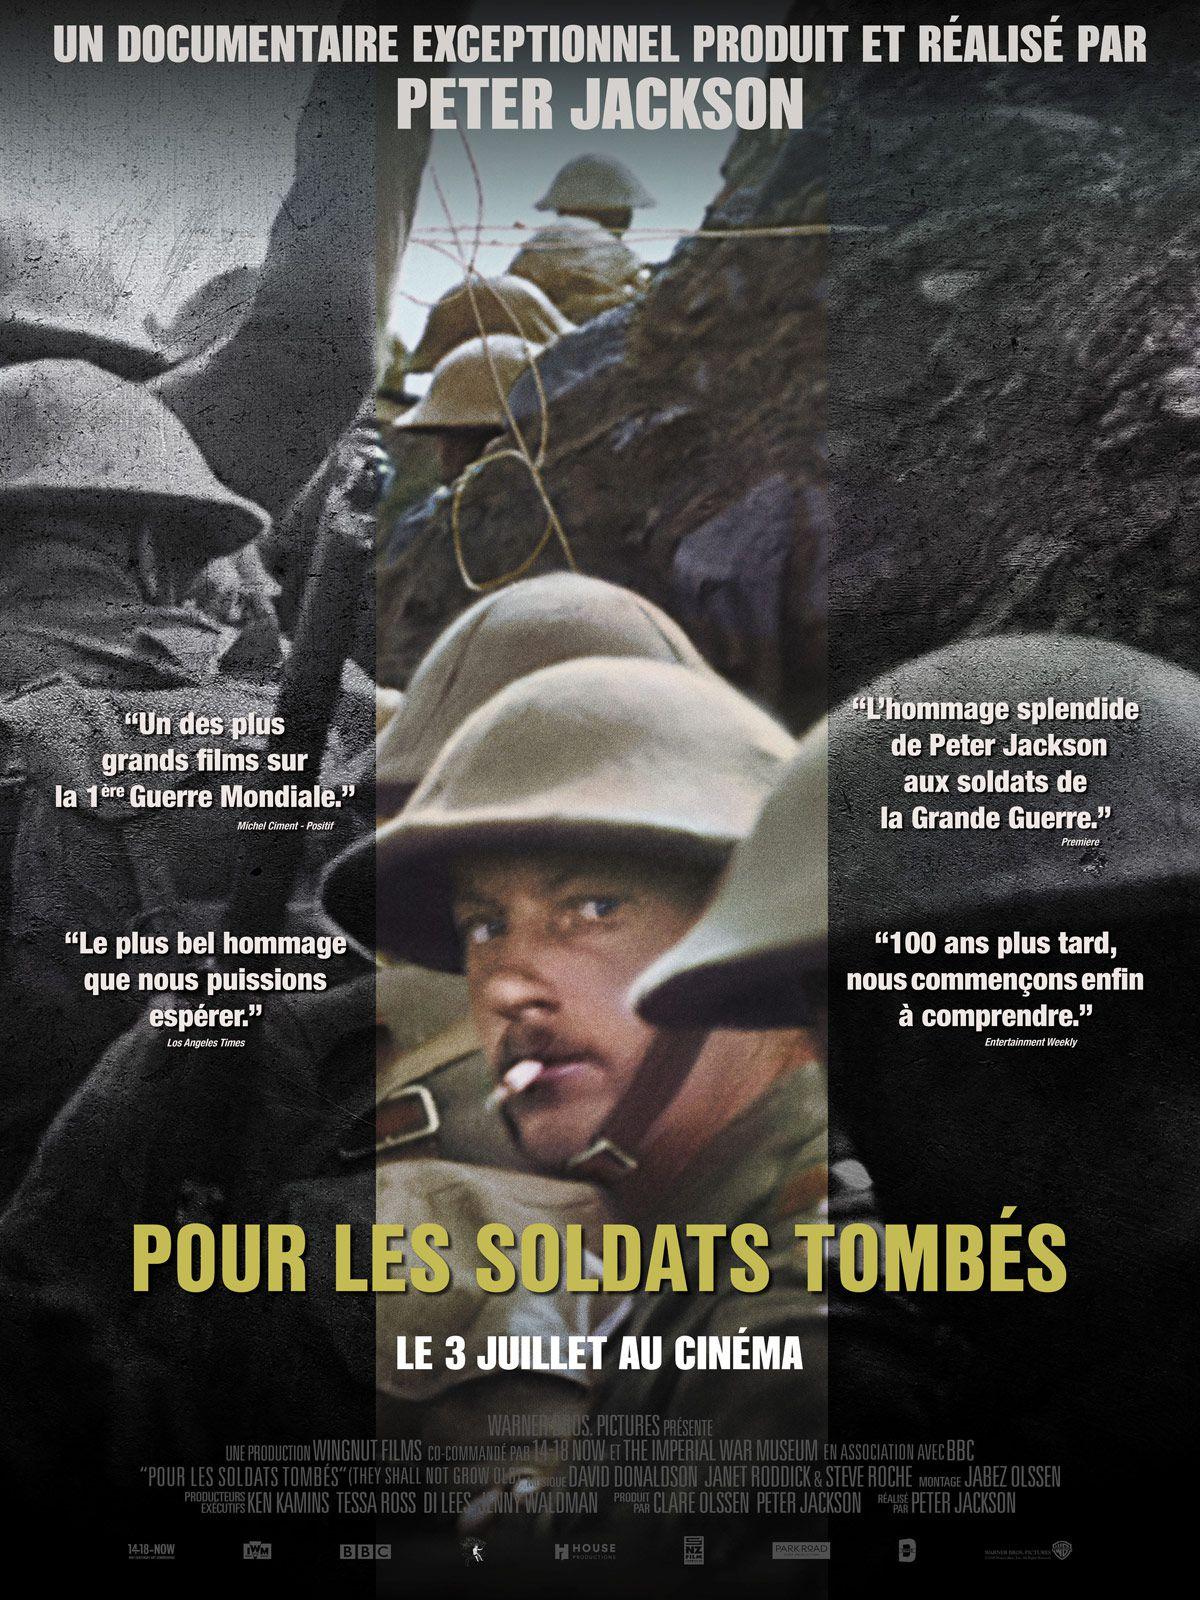 Pour les soldats tombés - Documentaire (2019)